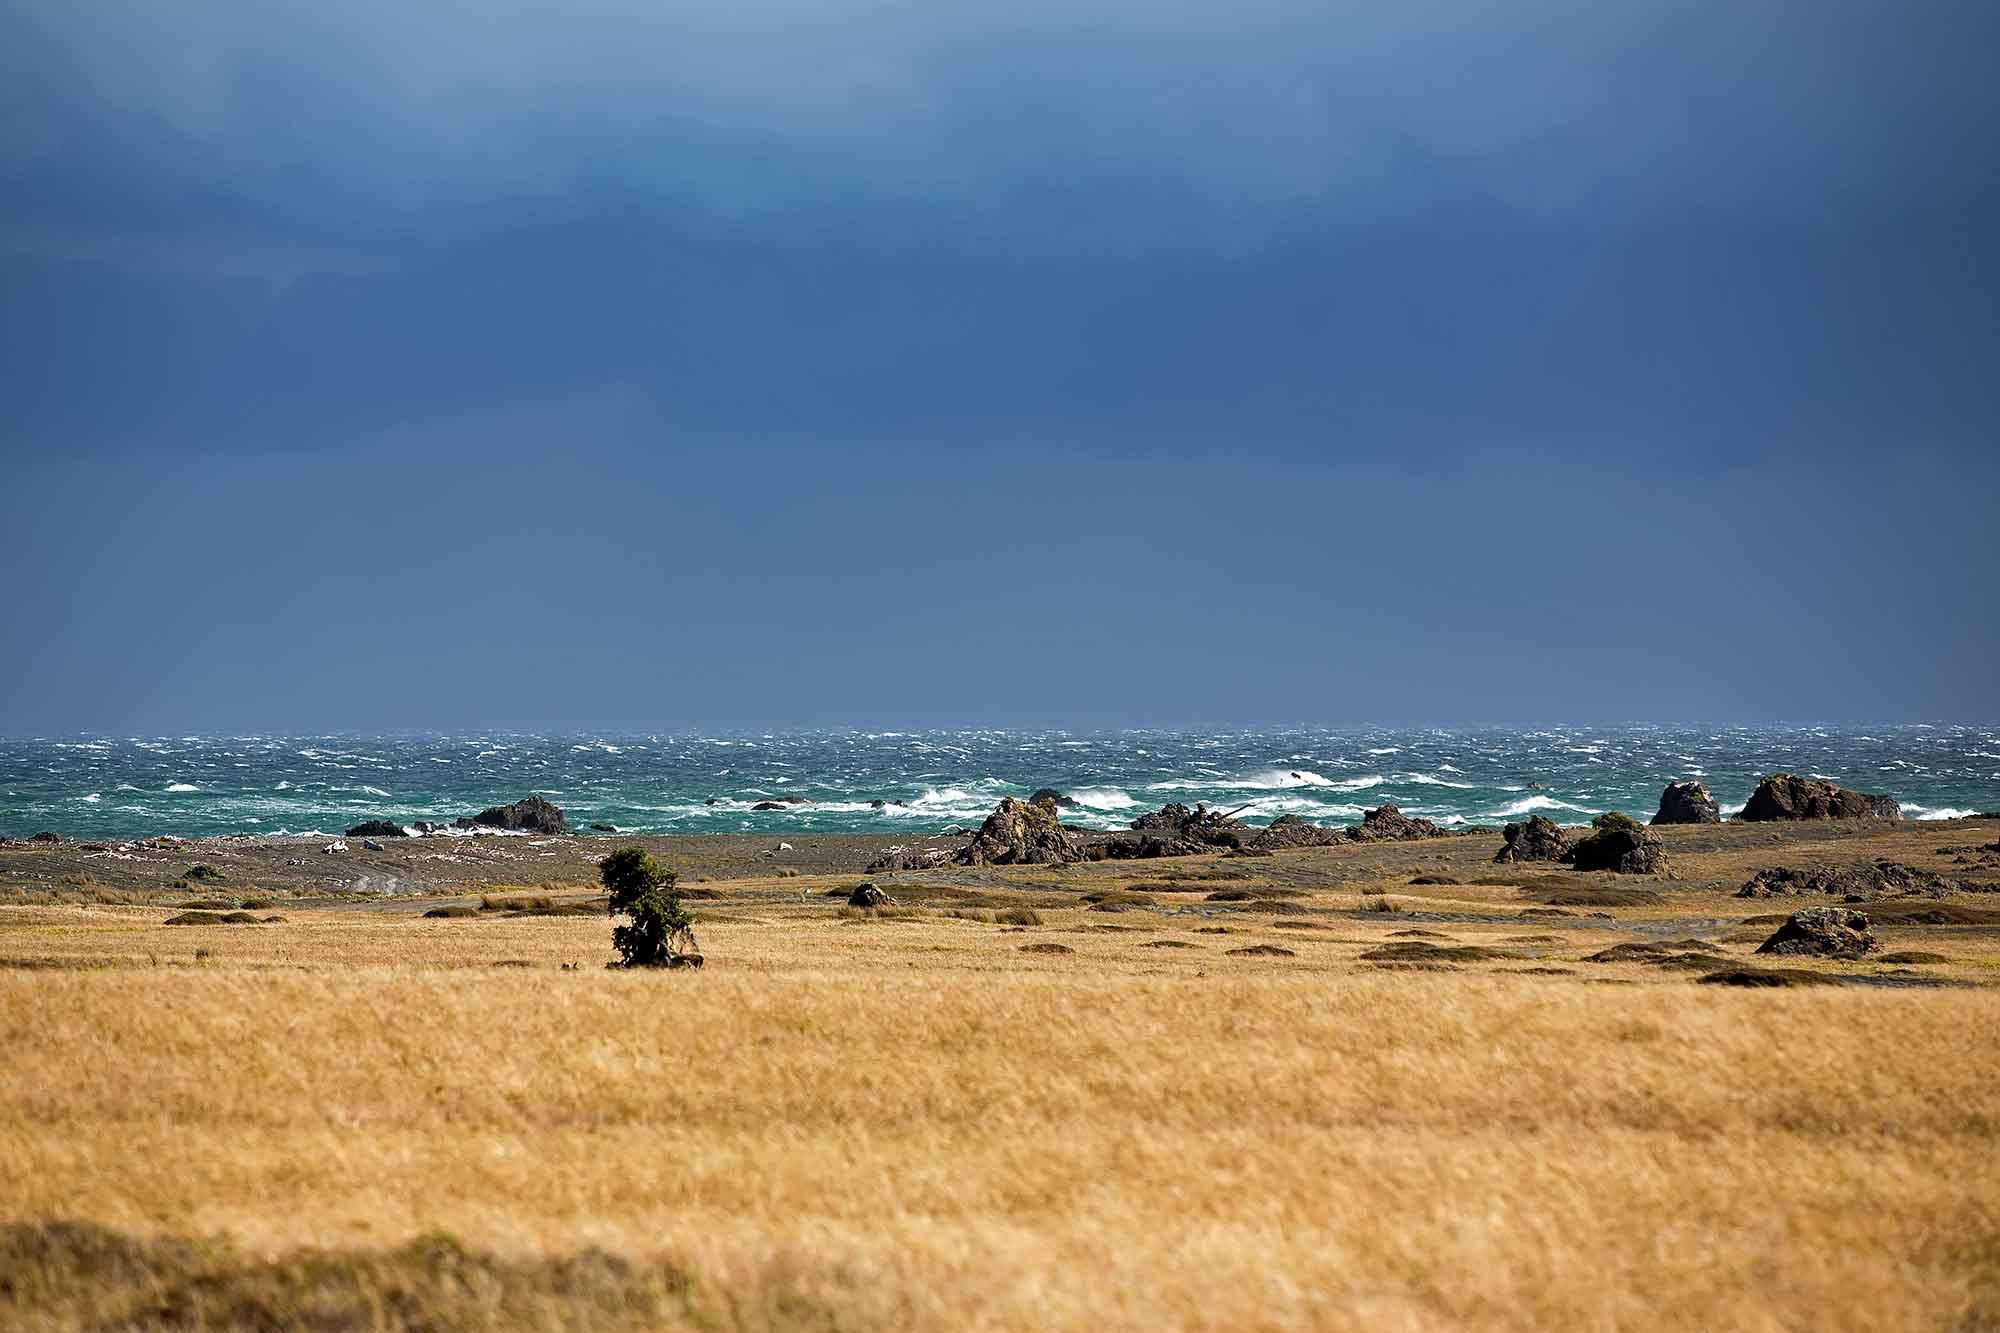 A storm is approaching on Cape Palliser, New Zealand. © Ulli Maier & Nisa Maier